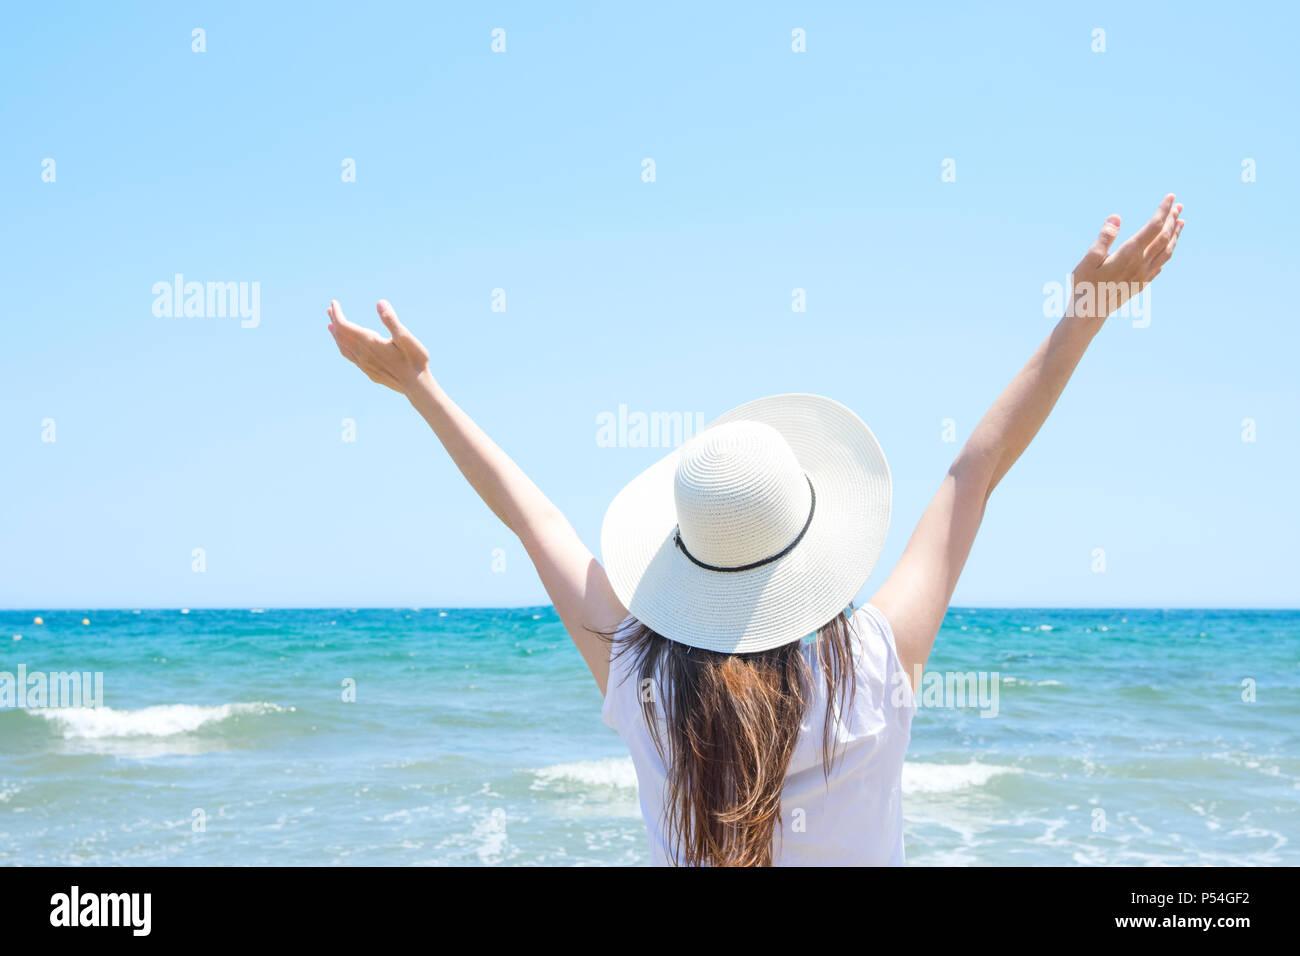 Piuttosto giovane donna caucasica con lunghi capelli castani in Hat mani sollevate in aria si erge a Beach guarda al mare turchese orizzonte sul cielo blu indietro Immagini Stock